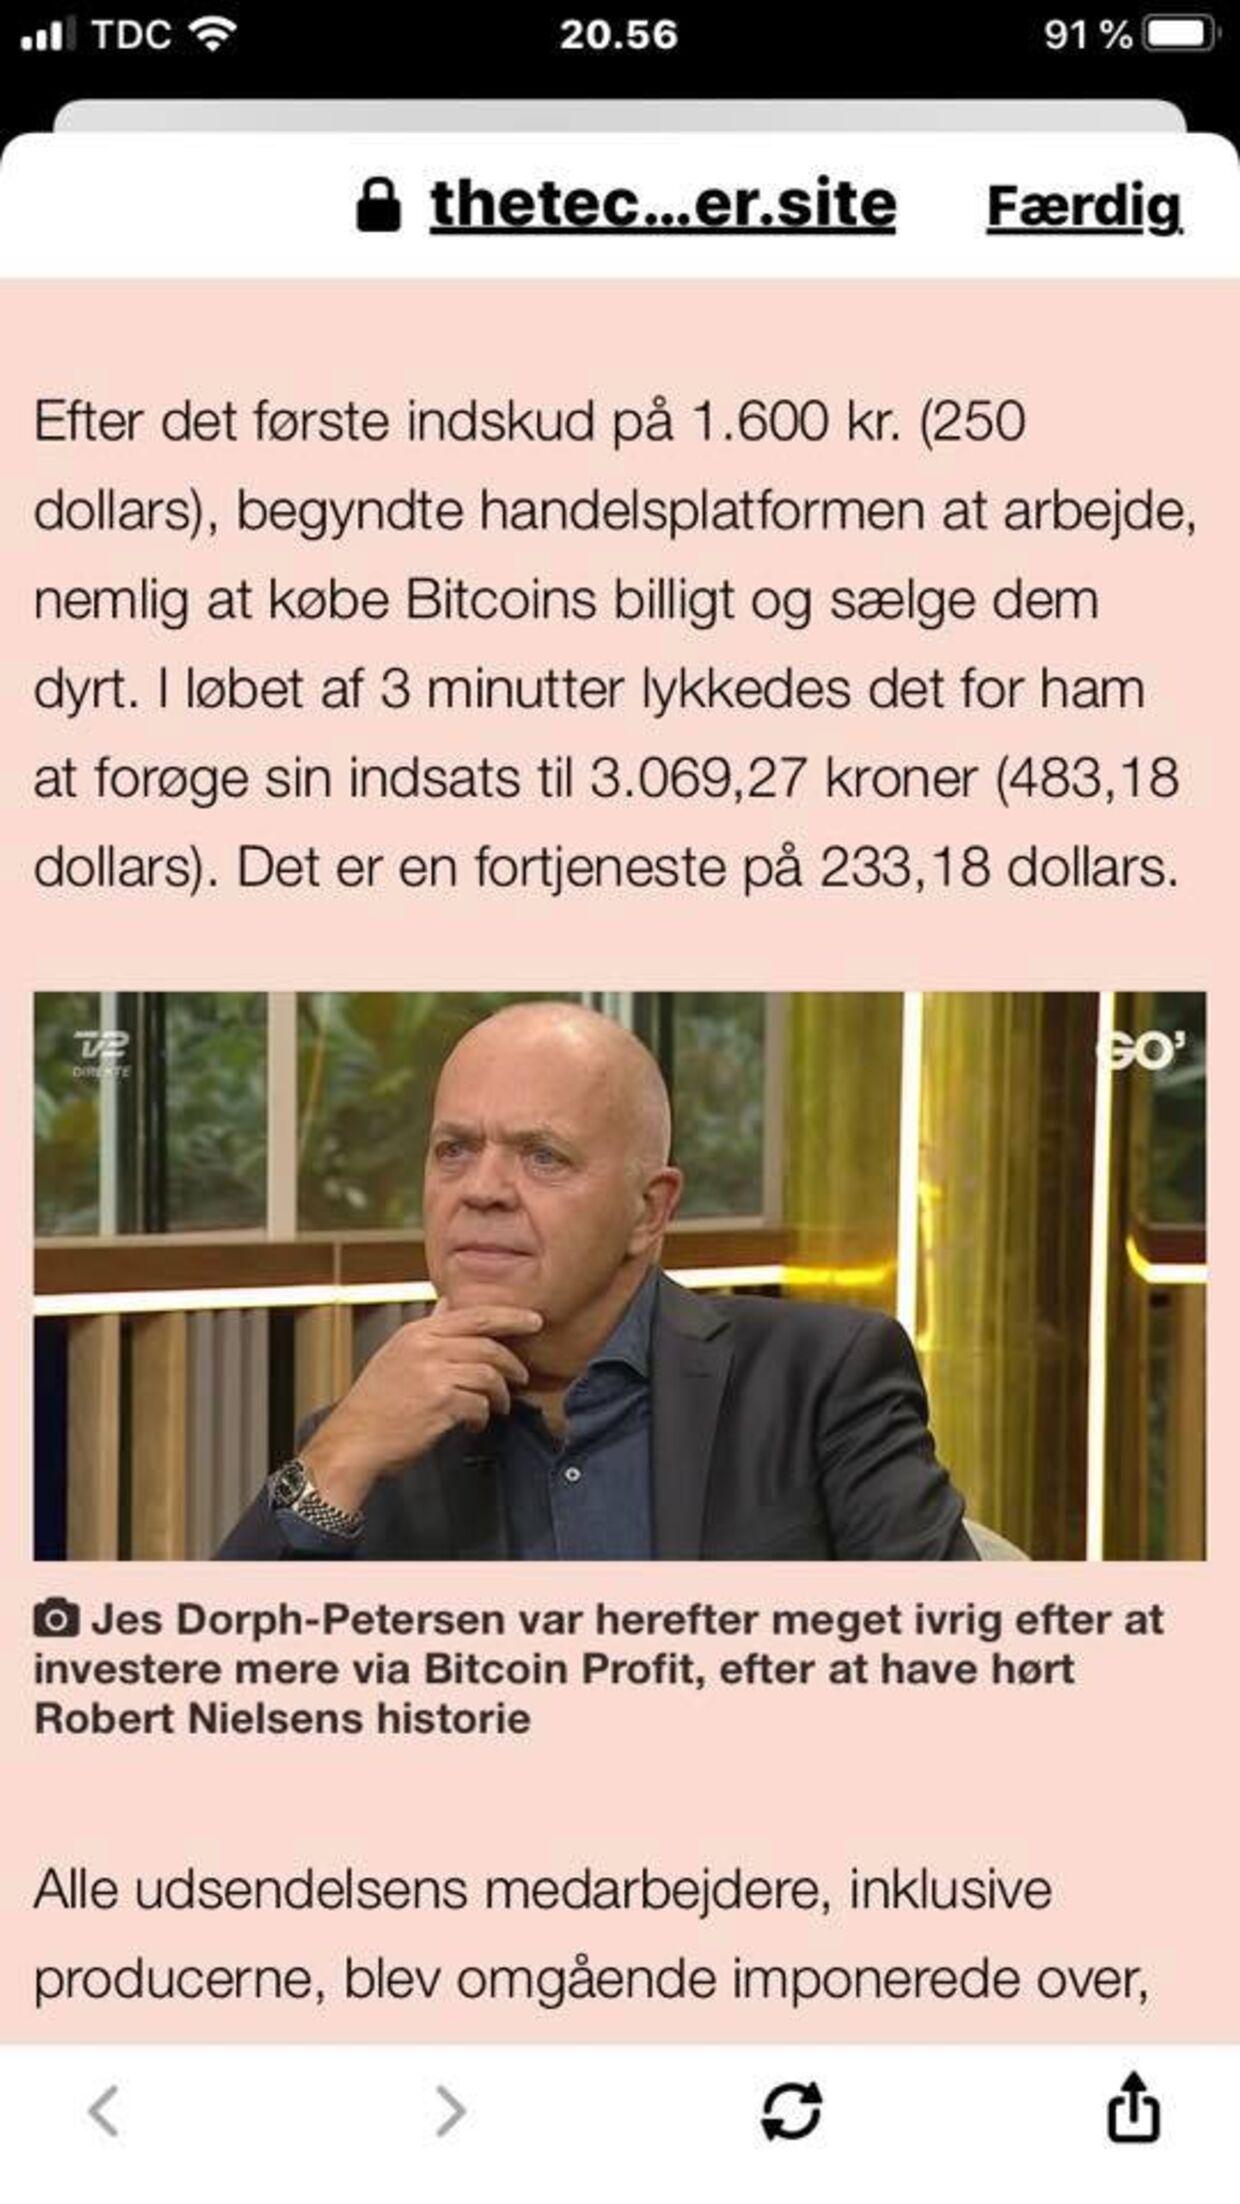 Et eksempel på en af de falske artikler, som svindlere bruger til at narre penge fra folk.